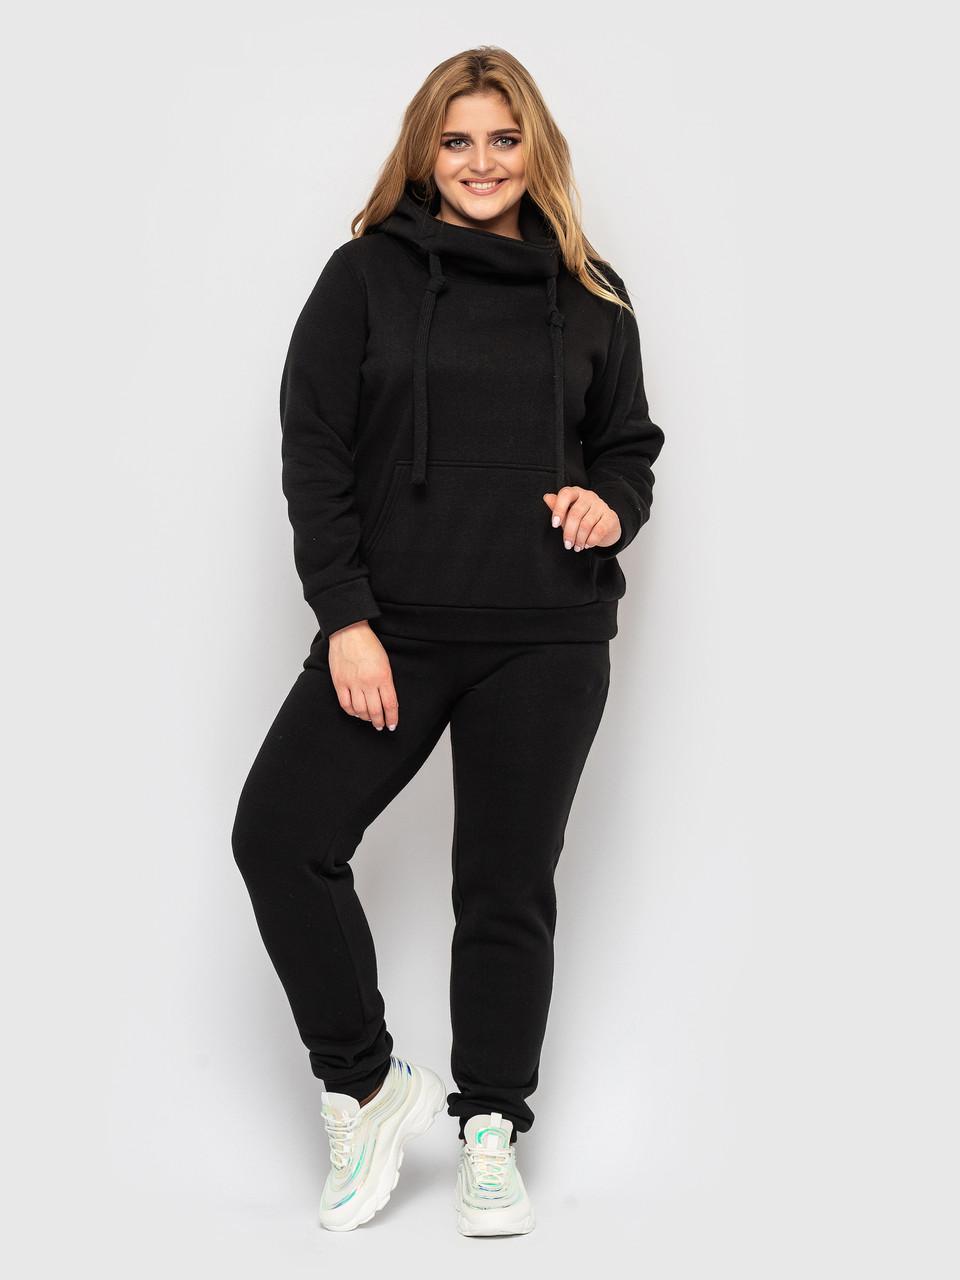 Теплый спортивный костюм на флисе Аврора черный Vlavi